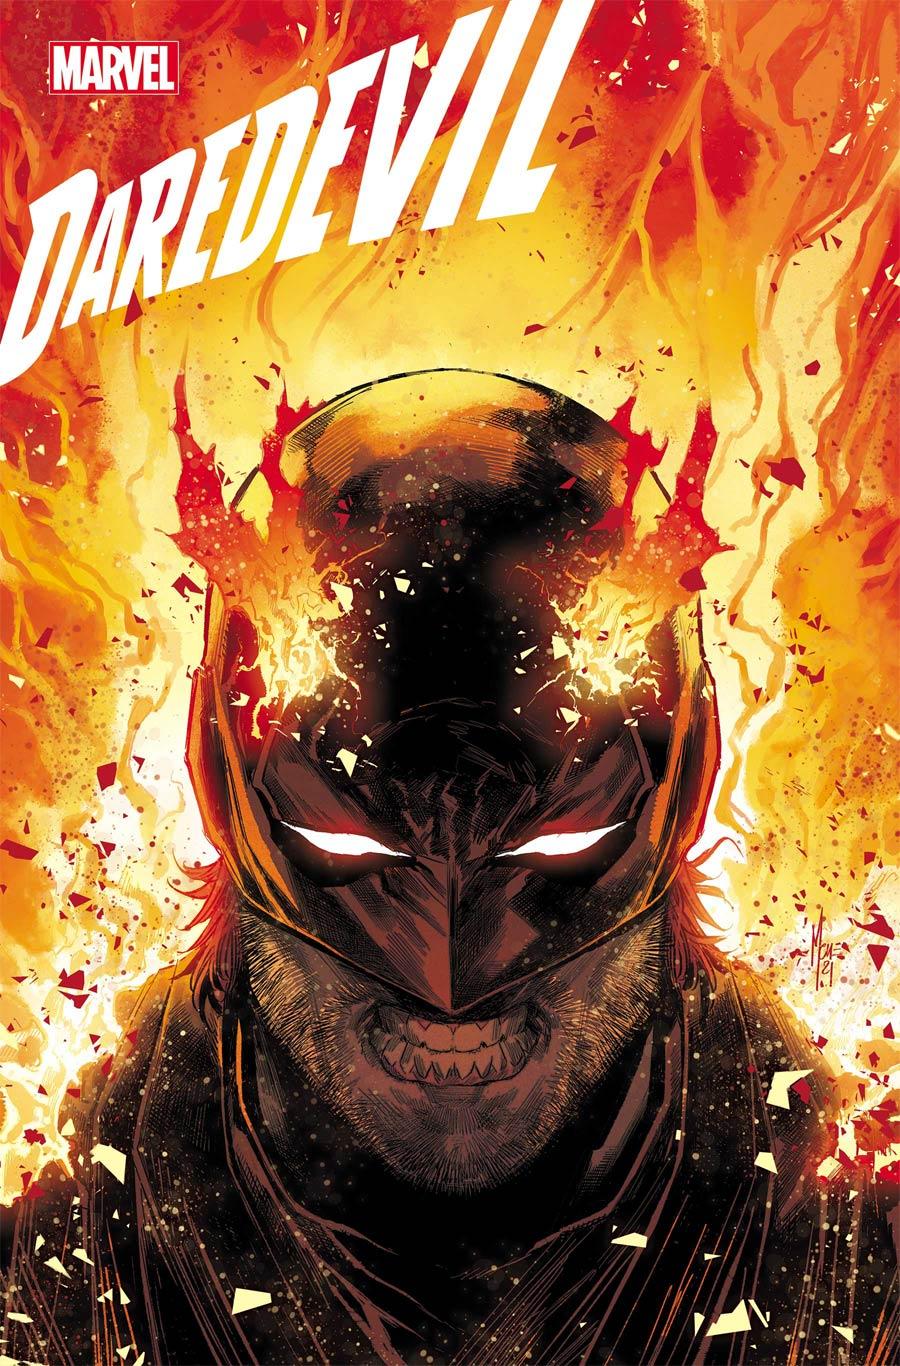 Daredevil Vol 6 #33 Cover A Regular Marco Checchetto Cover